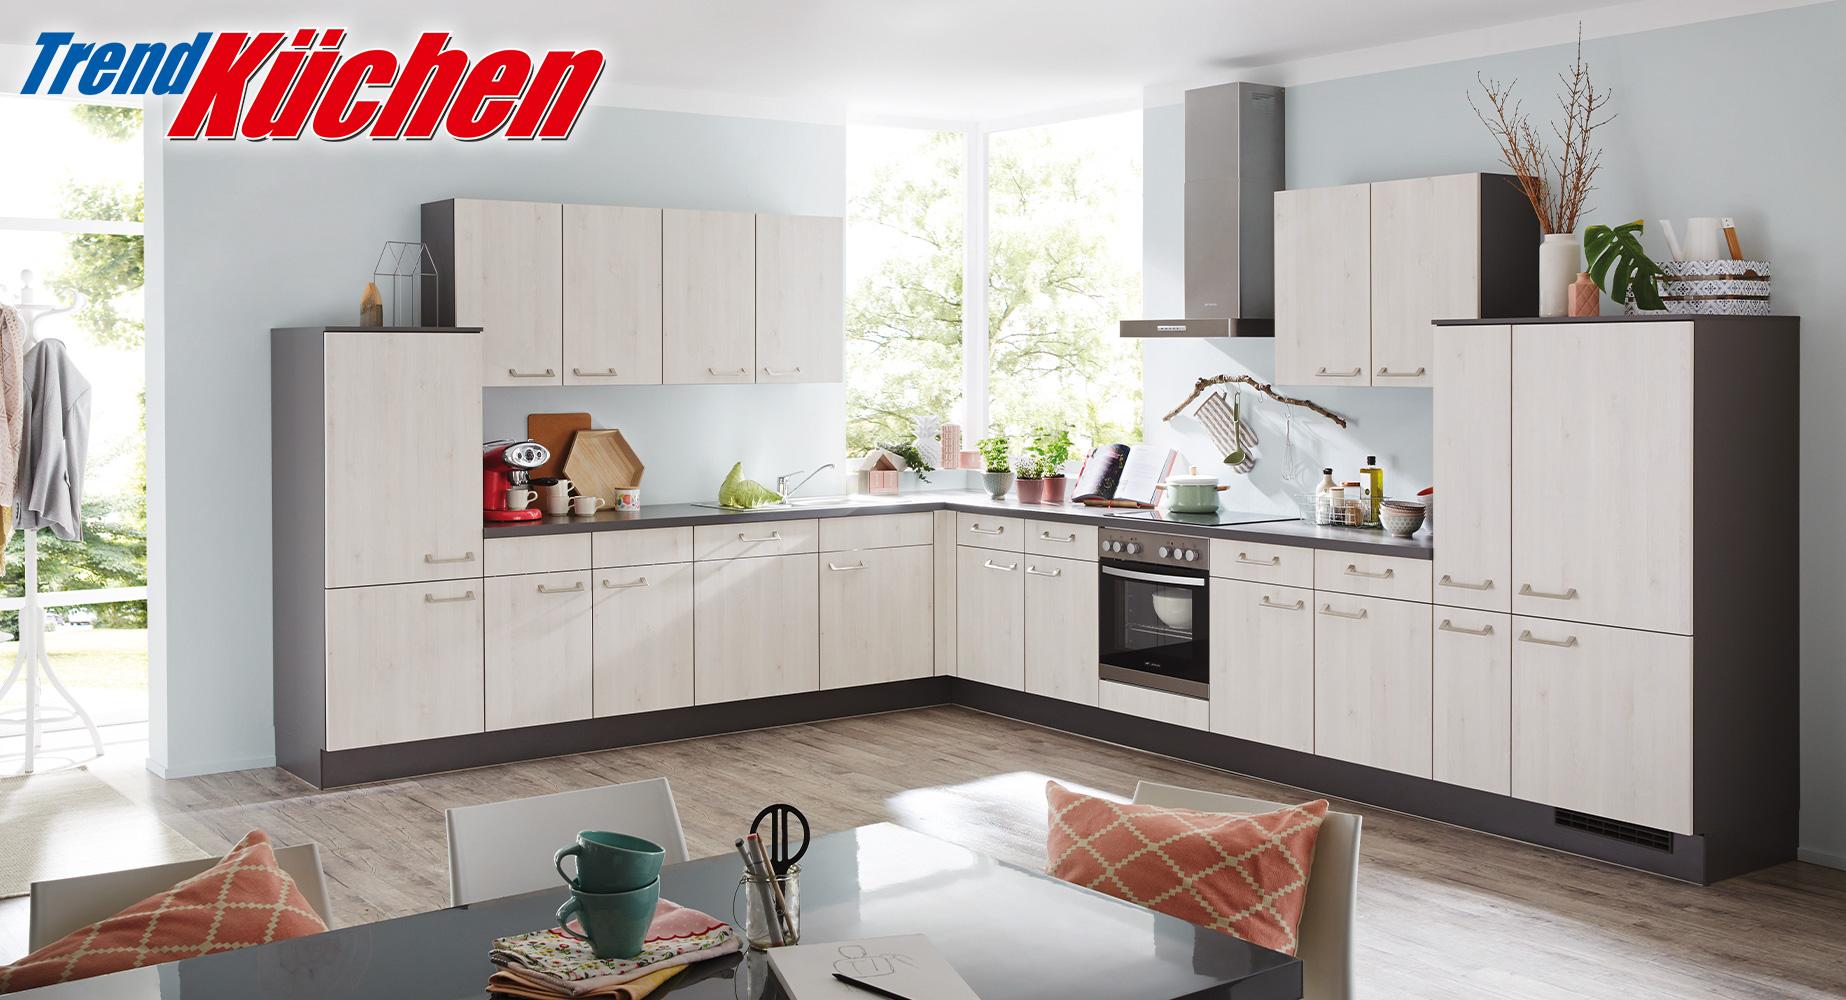 Full Size of Küche Planen Kleiner Raum Sehr Kleine Küche Planen Küche Planen Tipps Forum Küche Planen Programm Download Küche Küche Planen